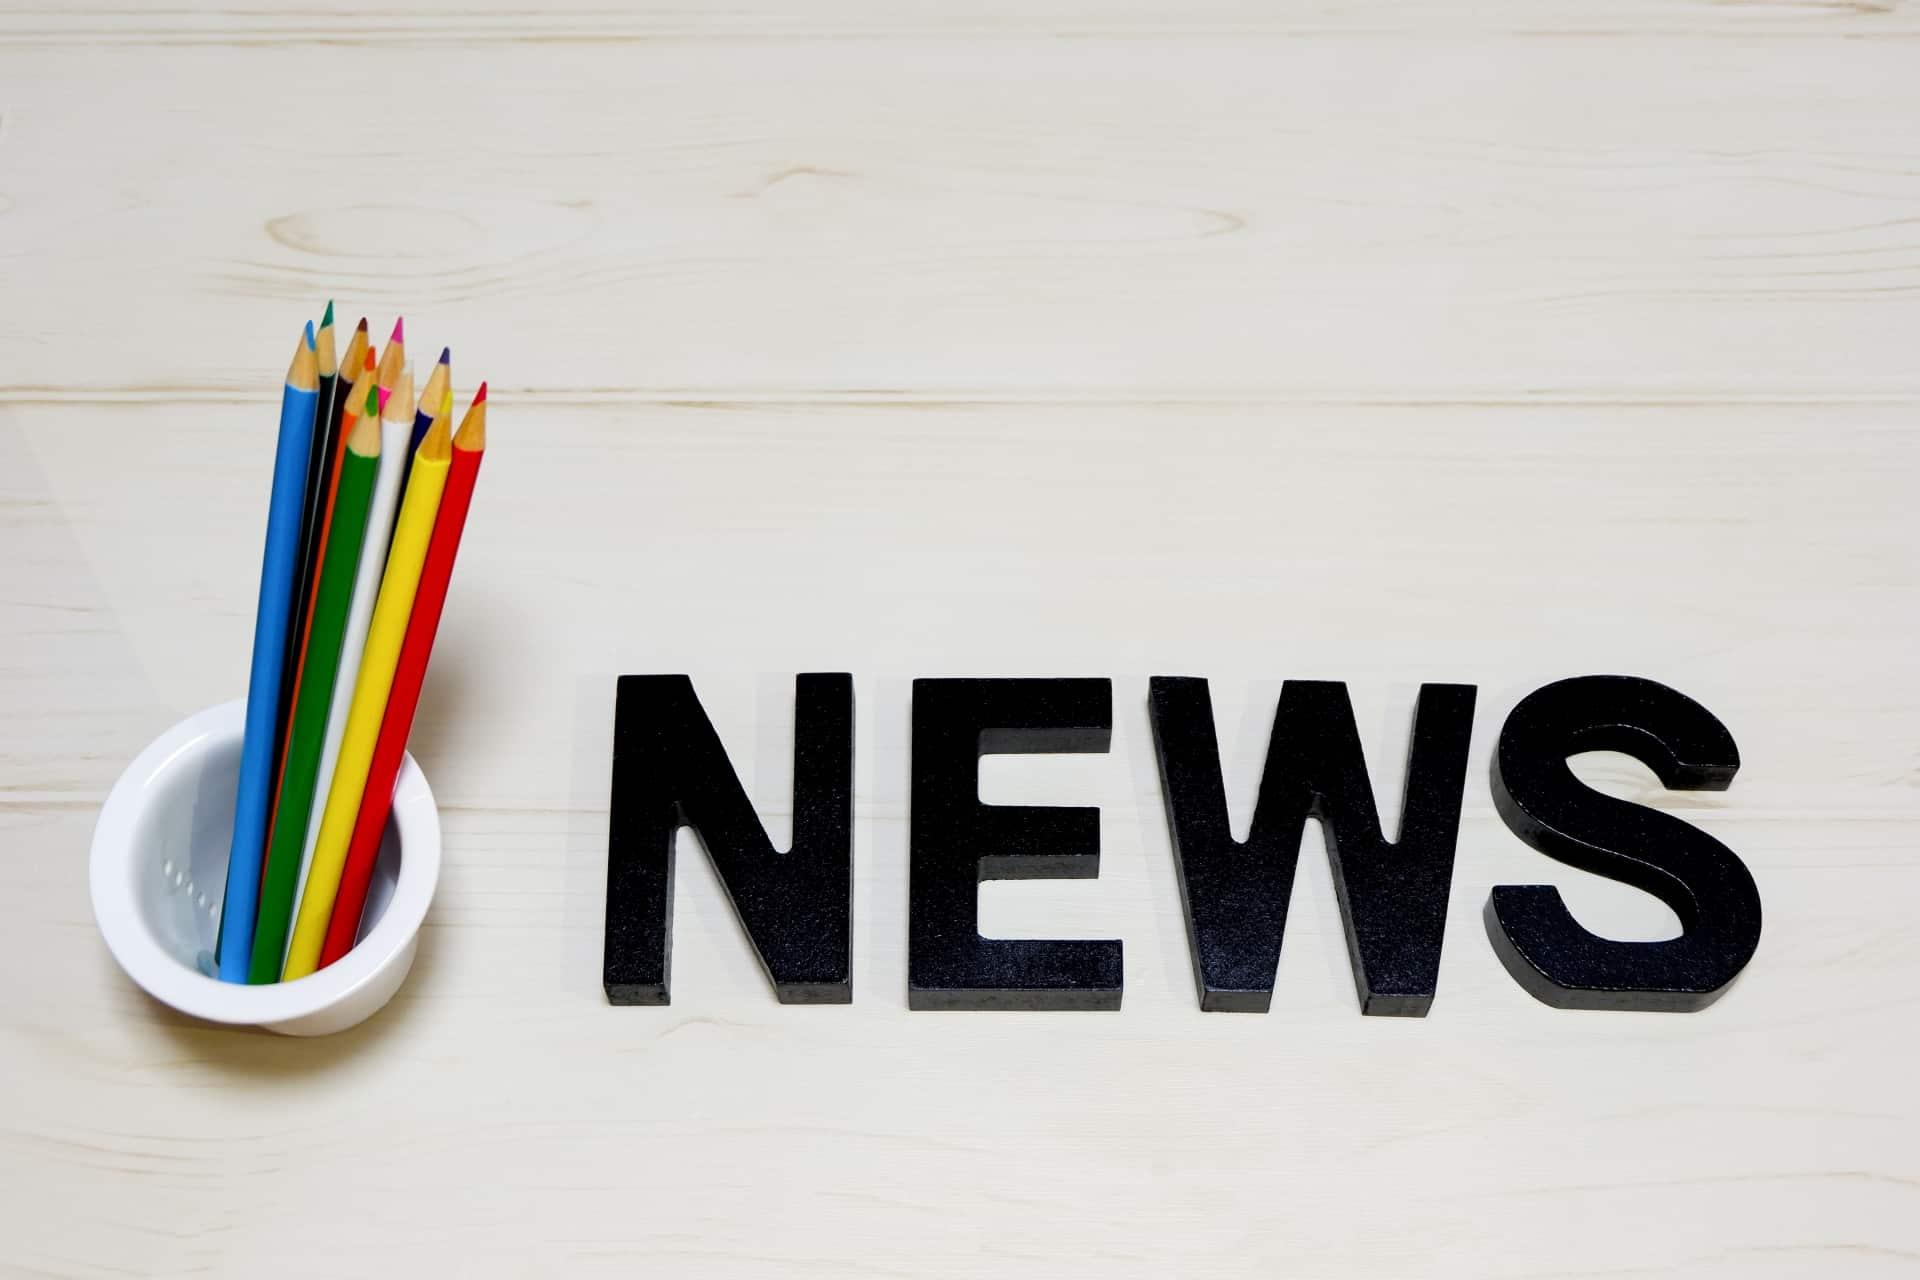 面接でニュースについて質問されたらどう回答する?就活生がするべき対策やポイントを紹介